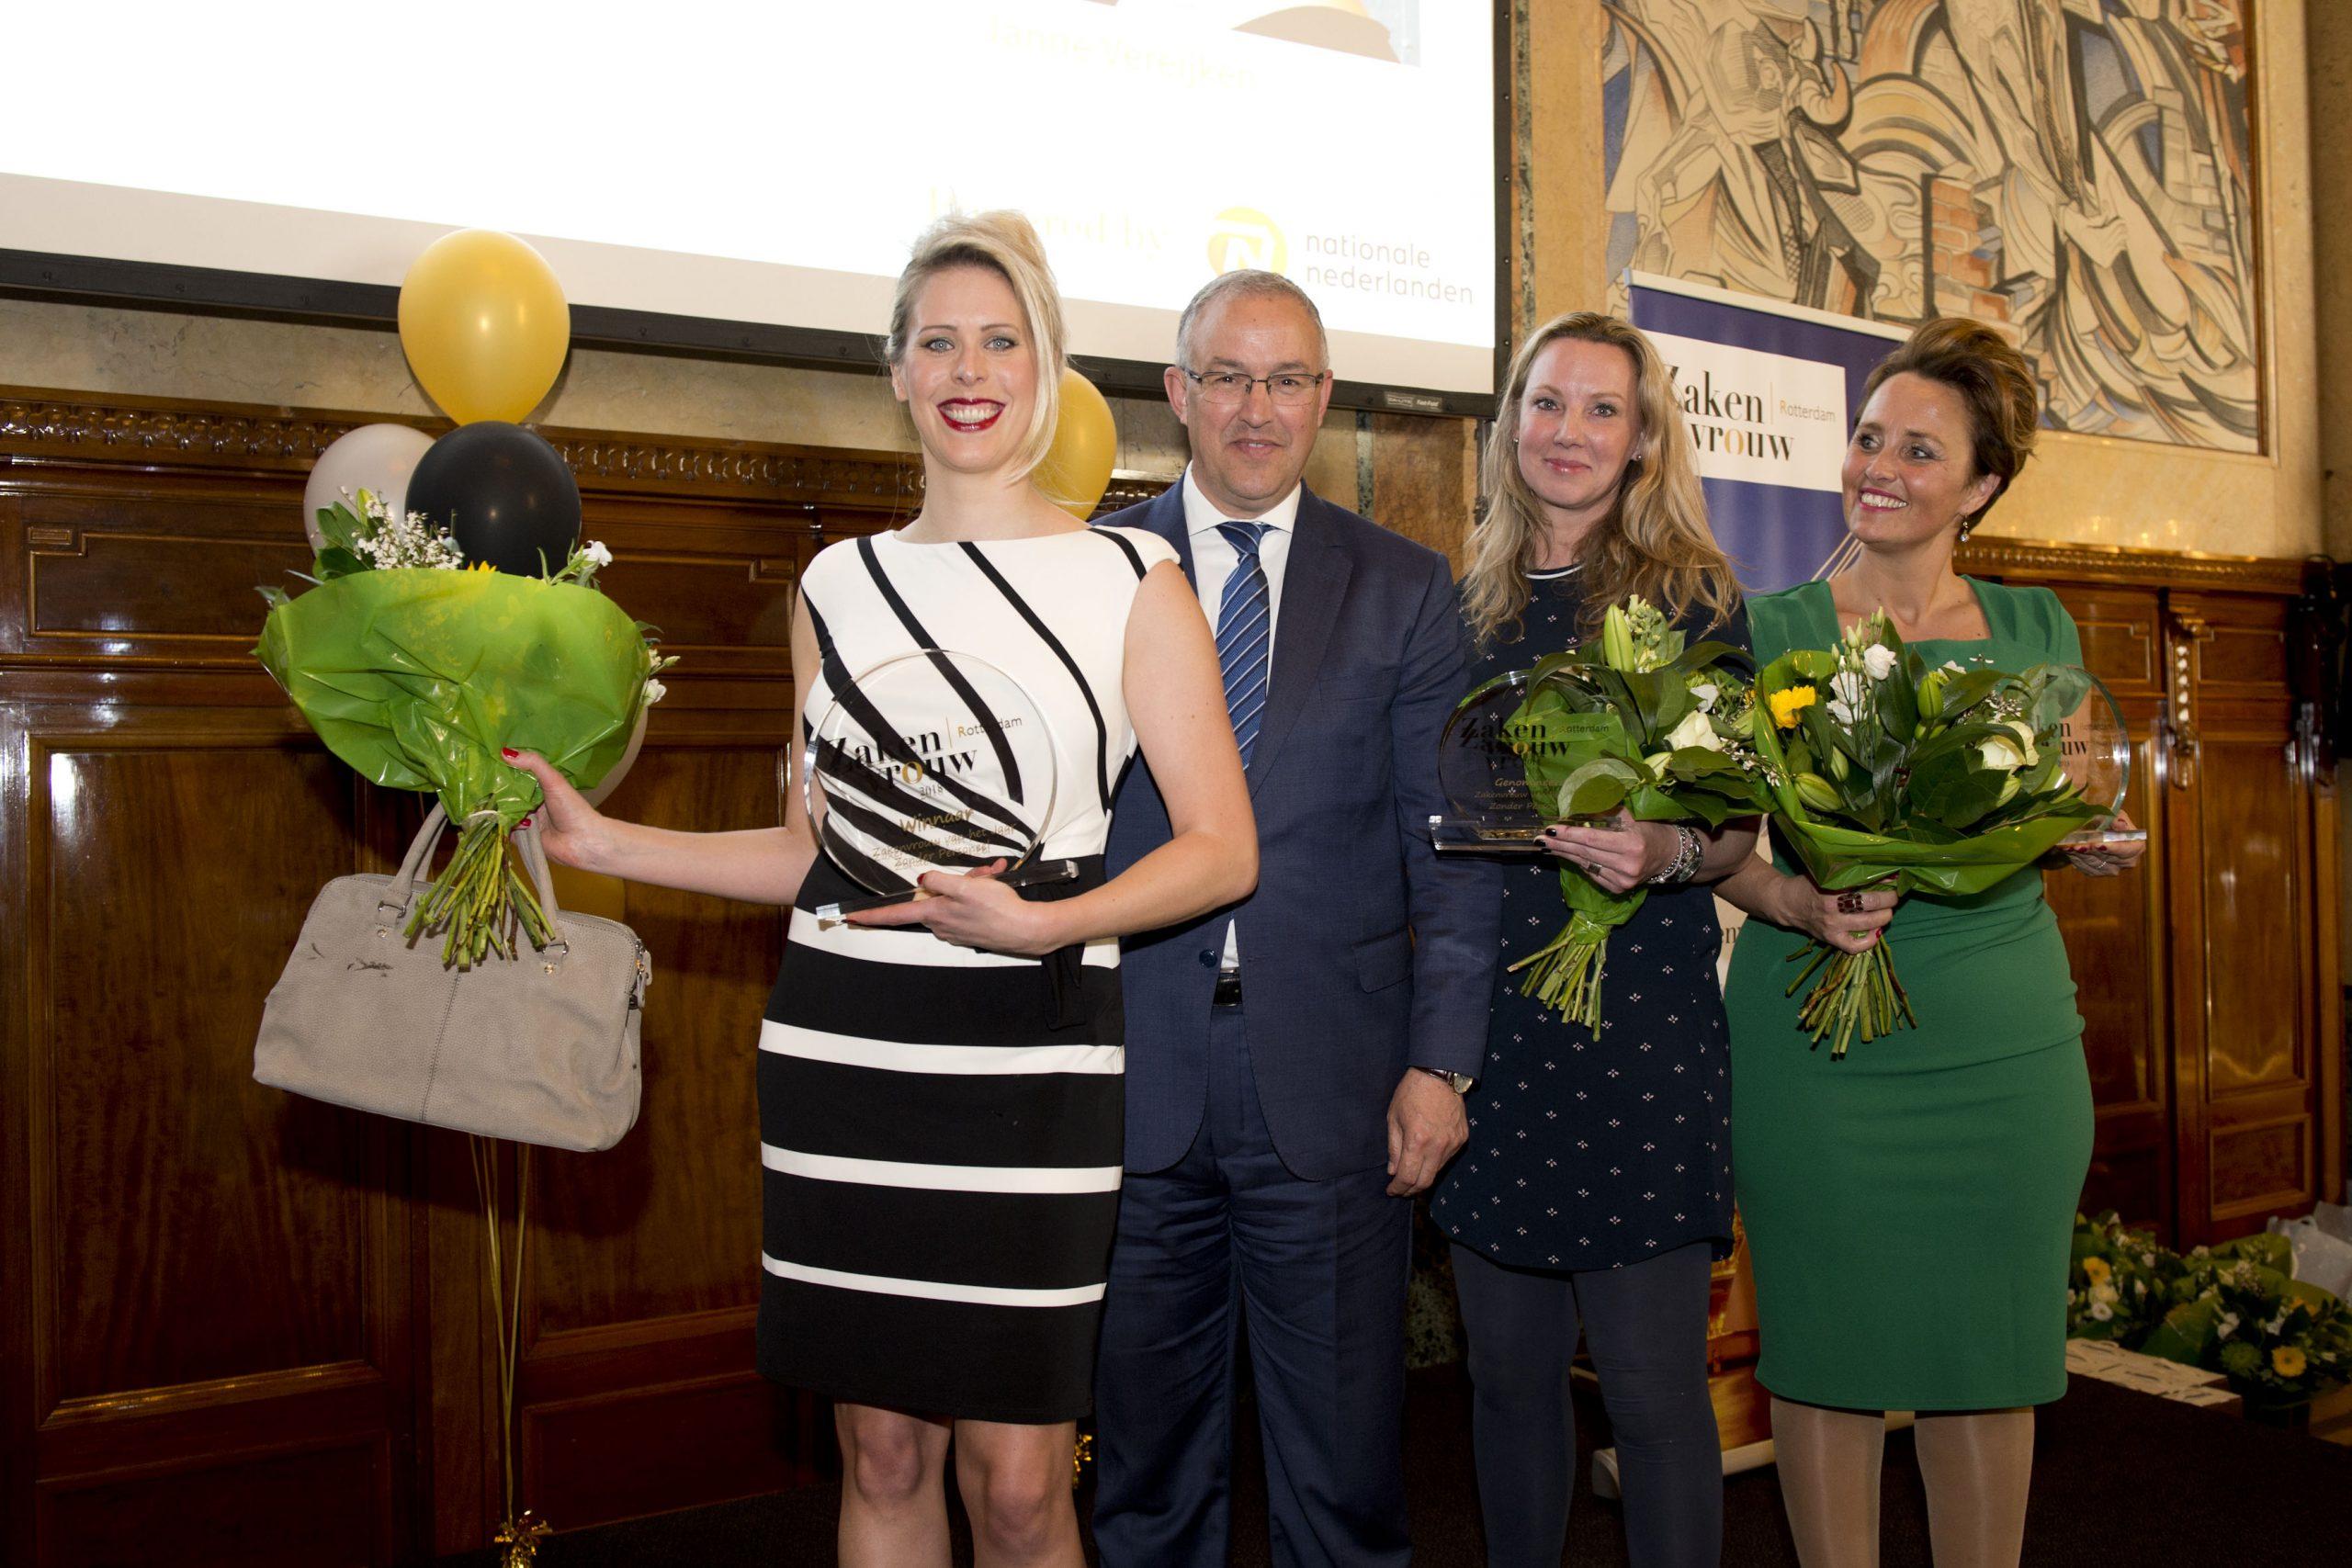 Janne Vereijken Burgemeester Ahmed Aboutaleb Rotterdamse Zakenvrouw van het Jaar 2018